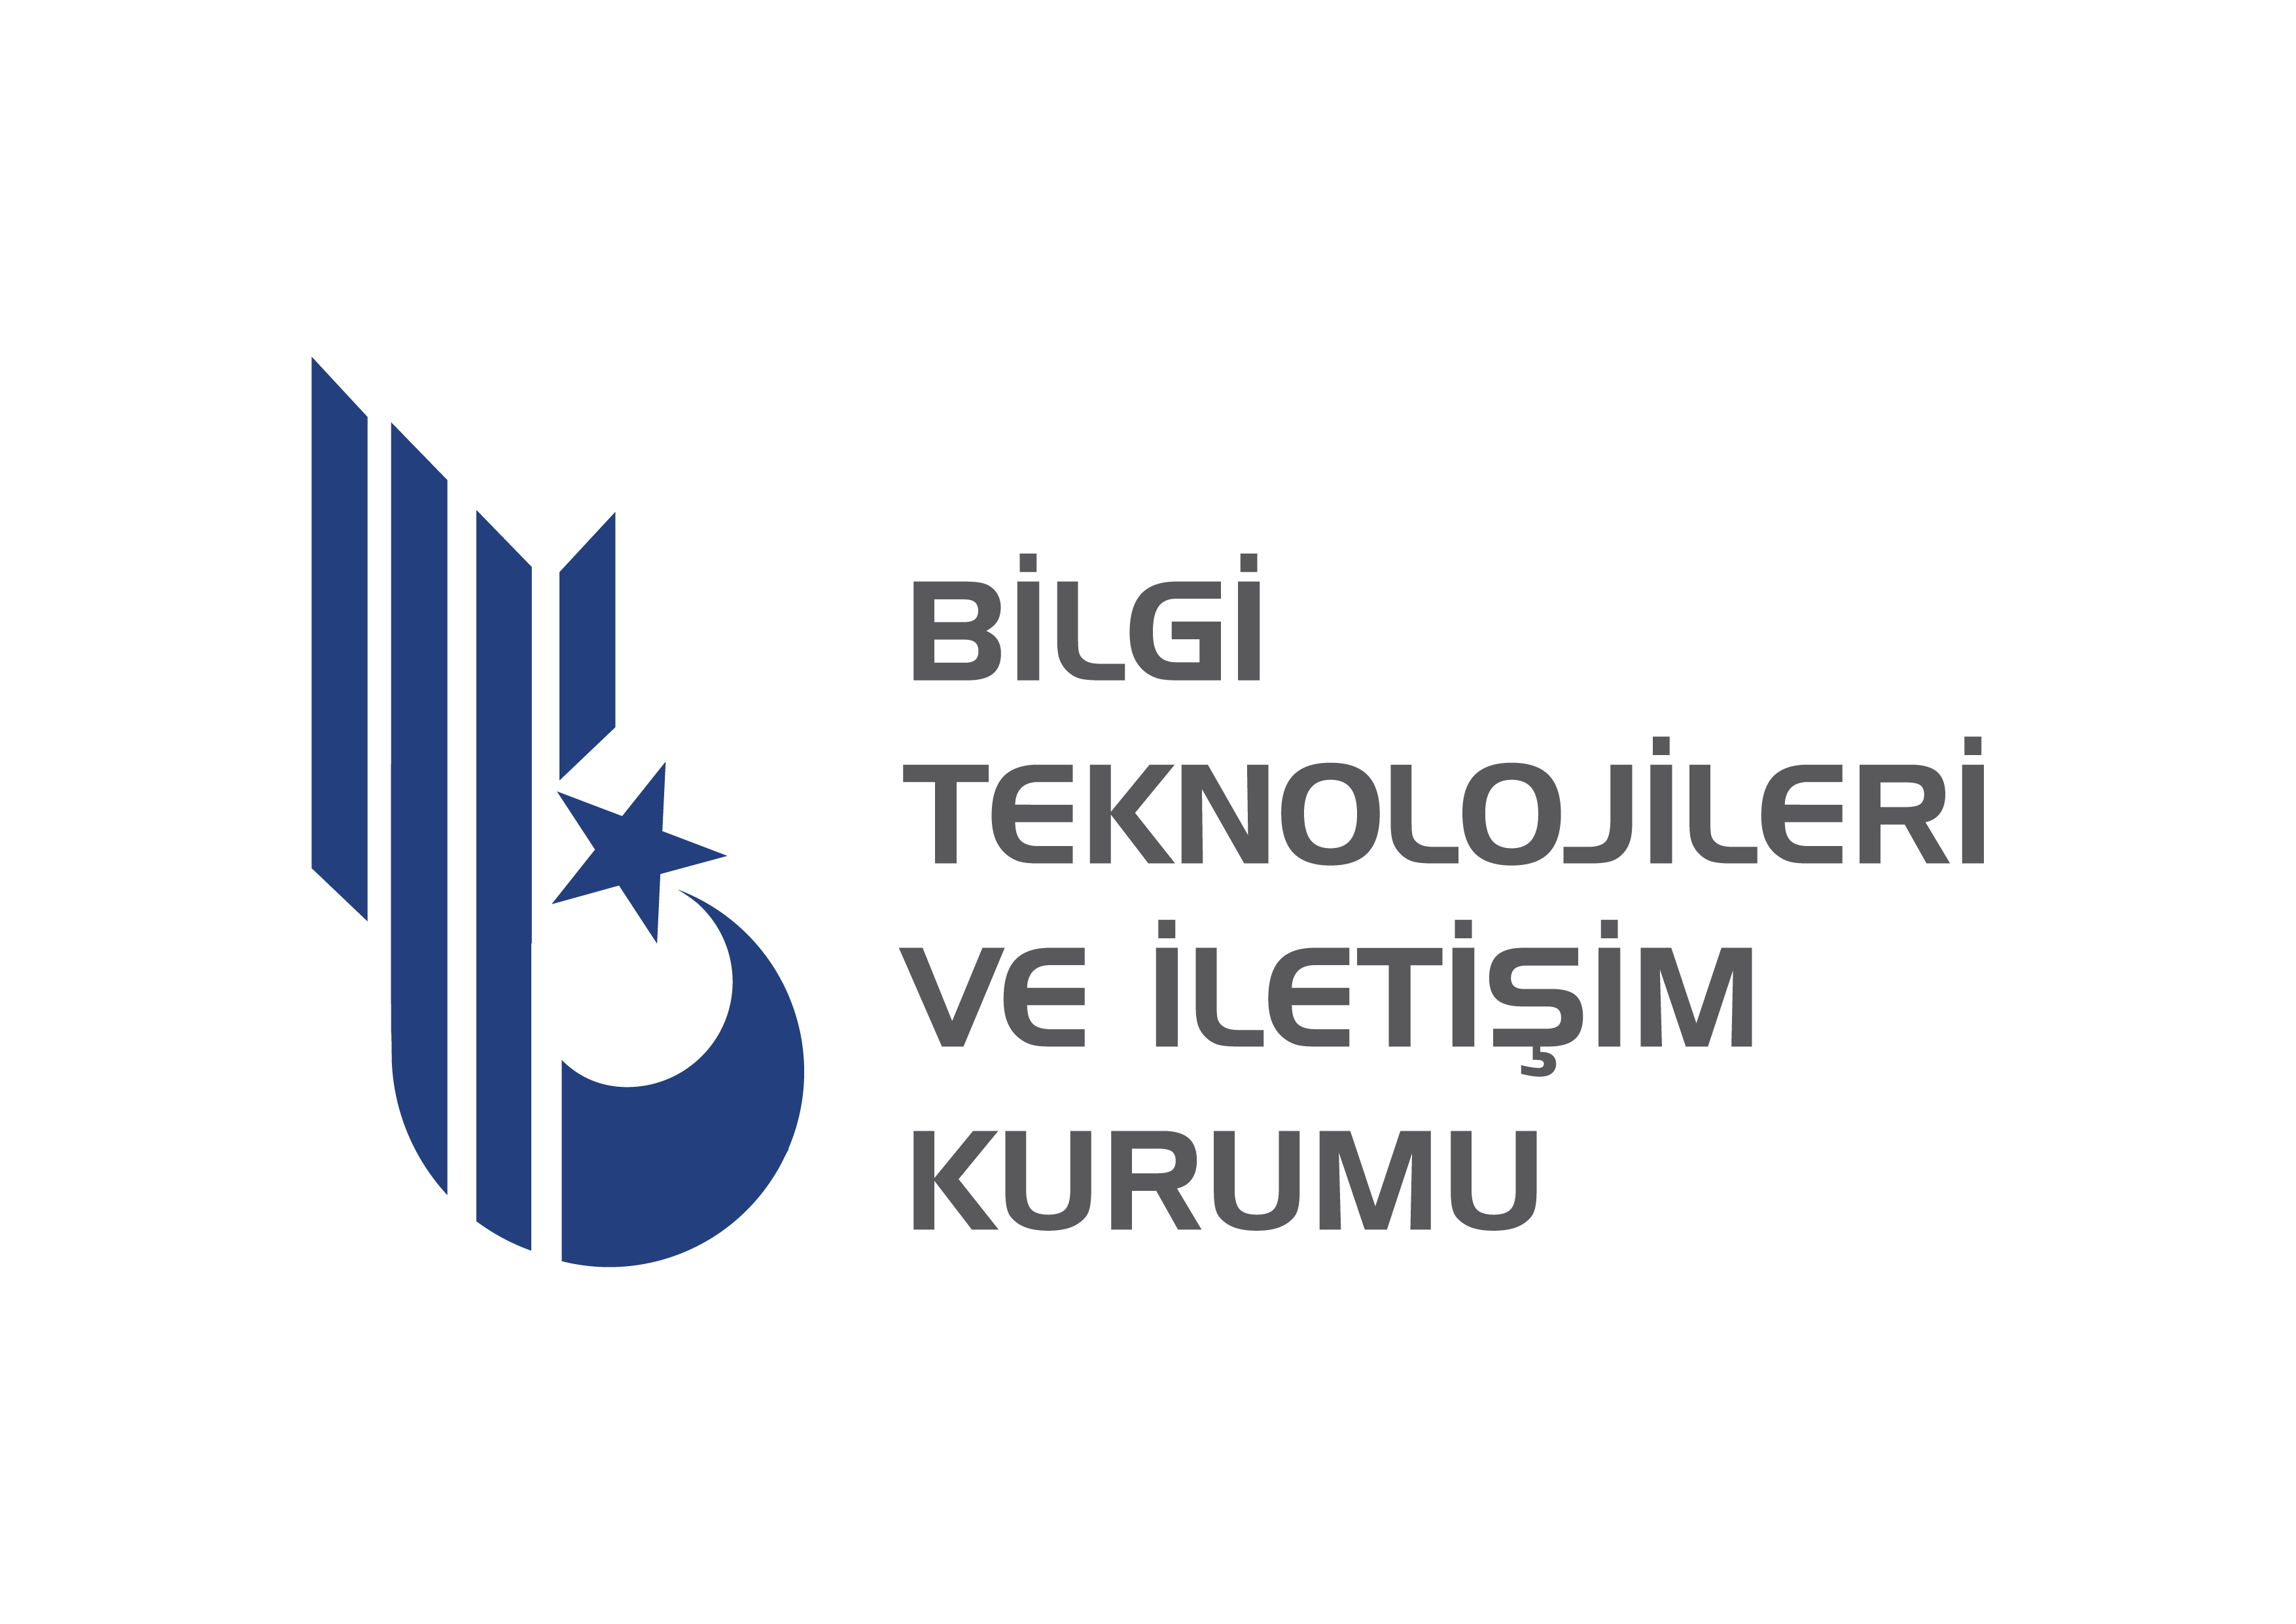 Bilgi teknolojileri logo